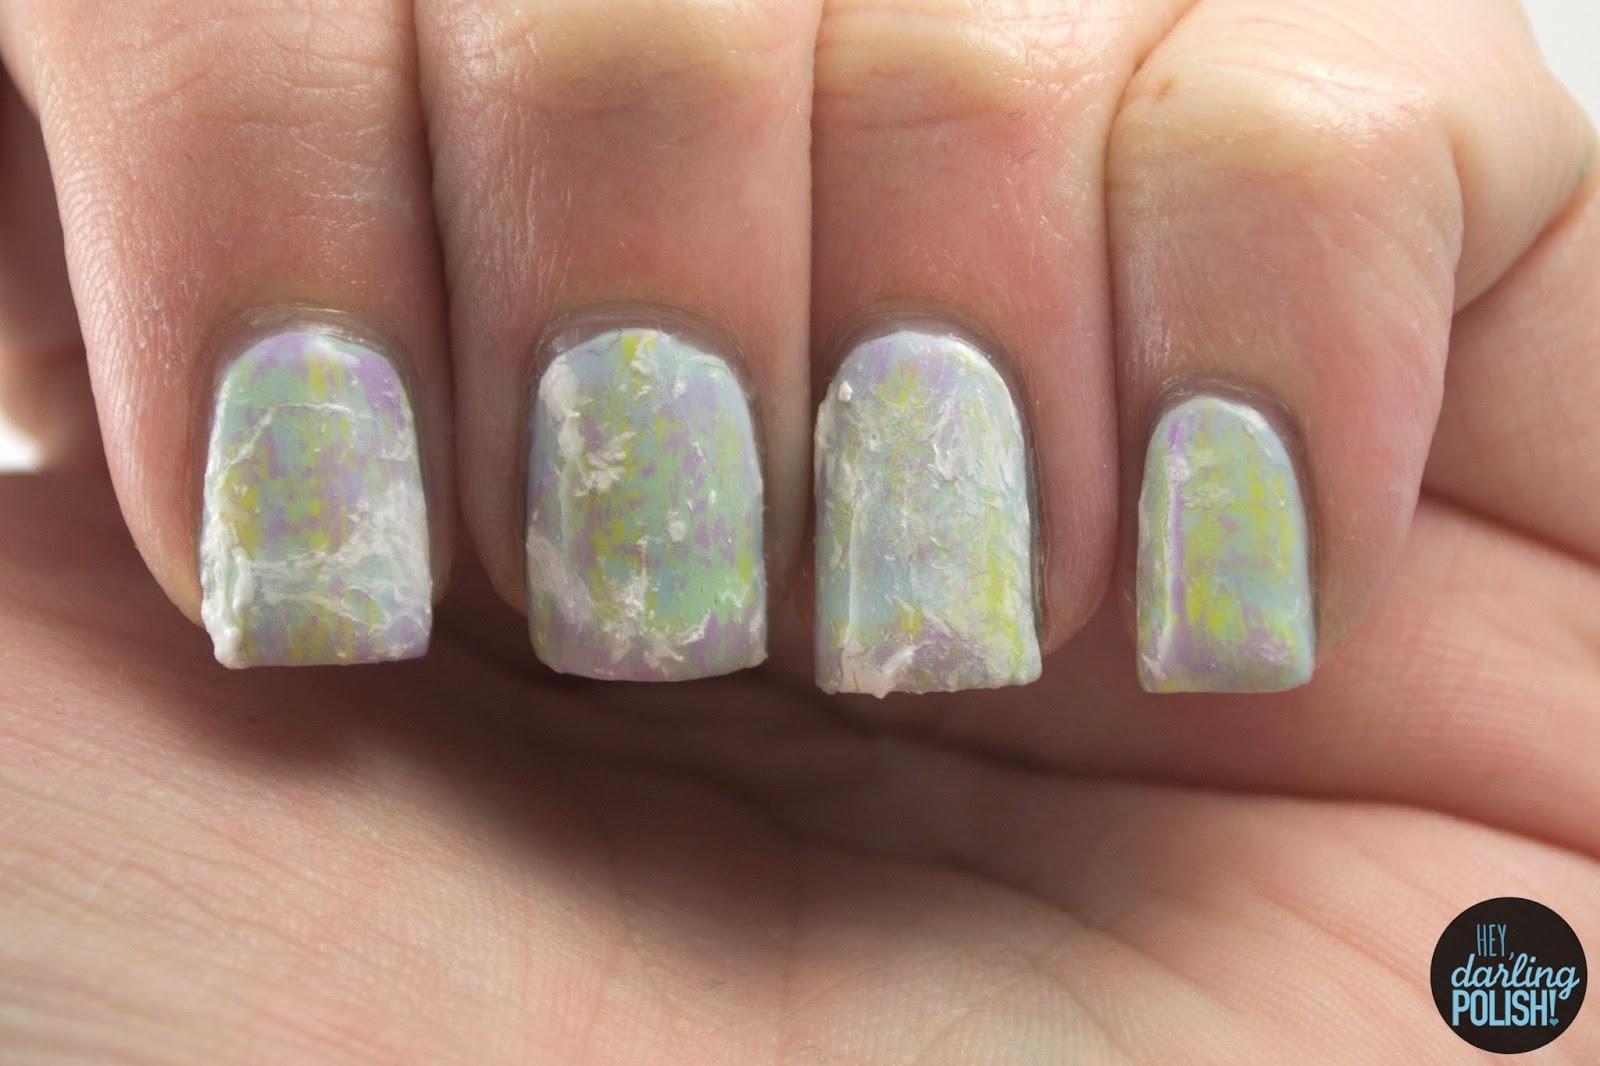 nails, nail art, nail polish, polish, pastels, hey darling polish, golden oldie thursdays